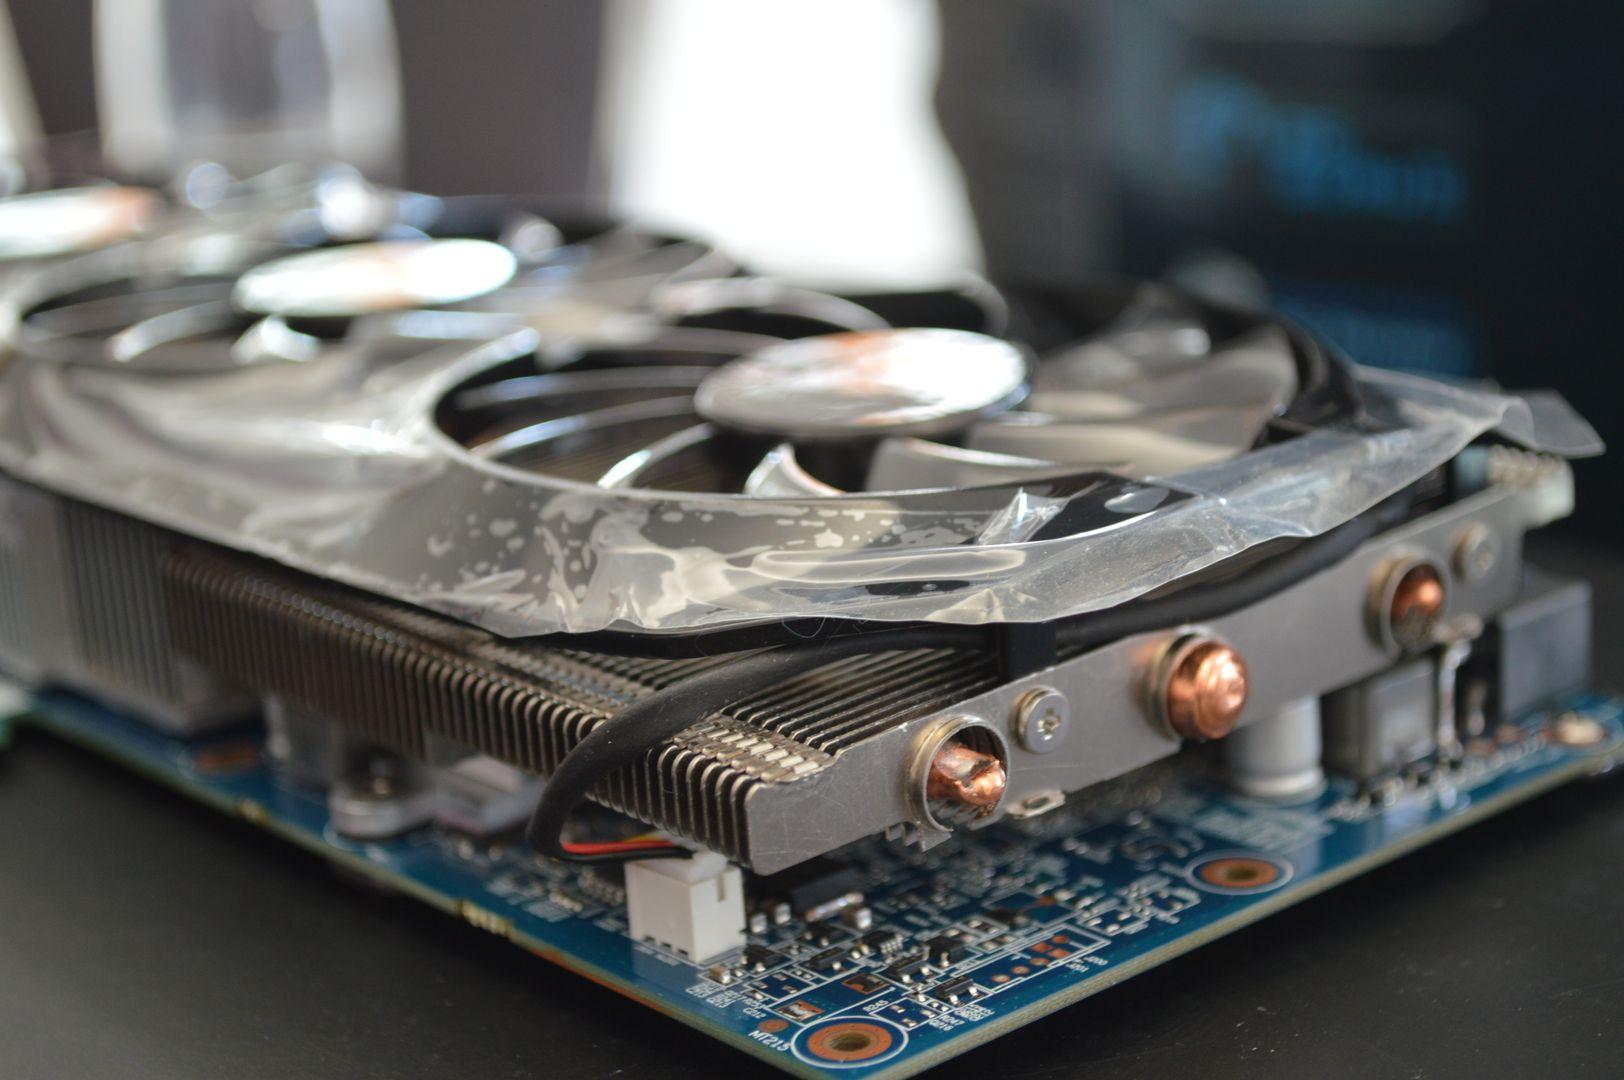 Entire AMD Radeon R9 280X, Radeon R9 270X And Radeon R7